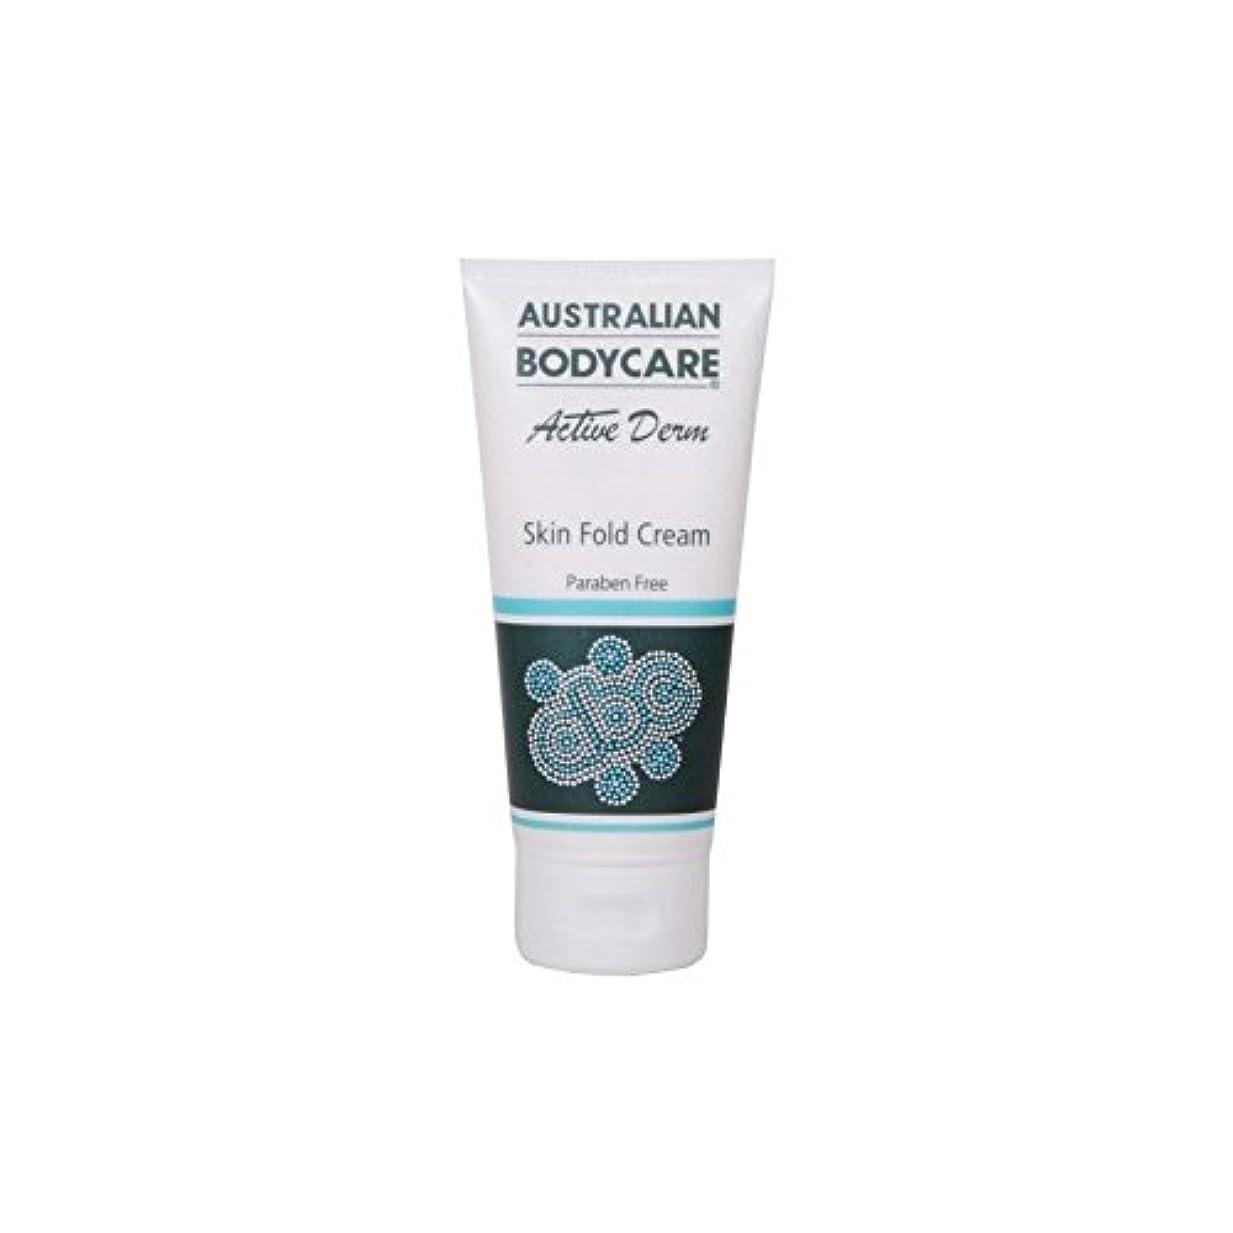 海賊どれか差別化するAustralian Bodycare Active Derm Skin Fold Cream (100ml) (Pack of 6) - オーストラリアのボディケアアクティブダーム皮膚のひだクリーム(100ミリリットル...